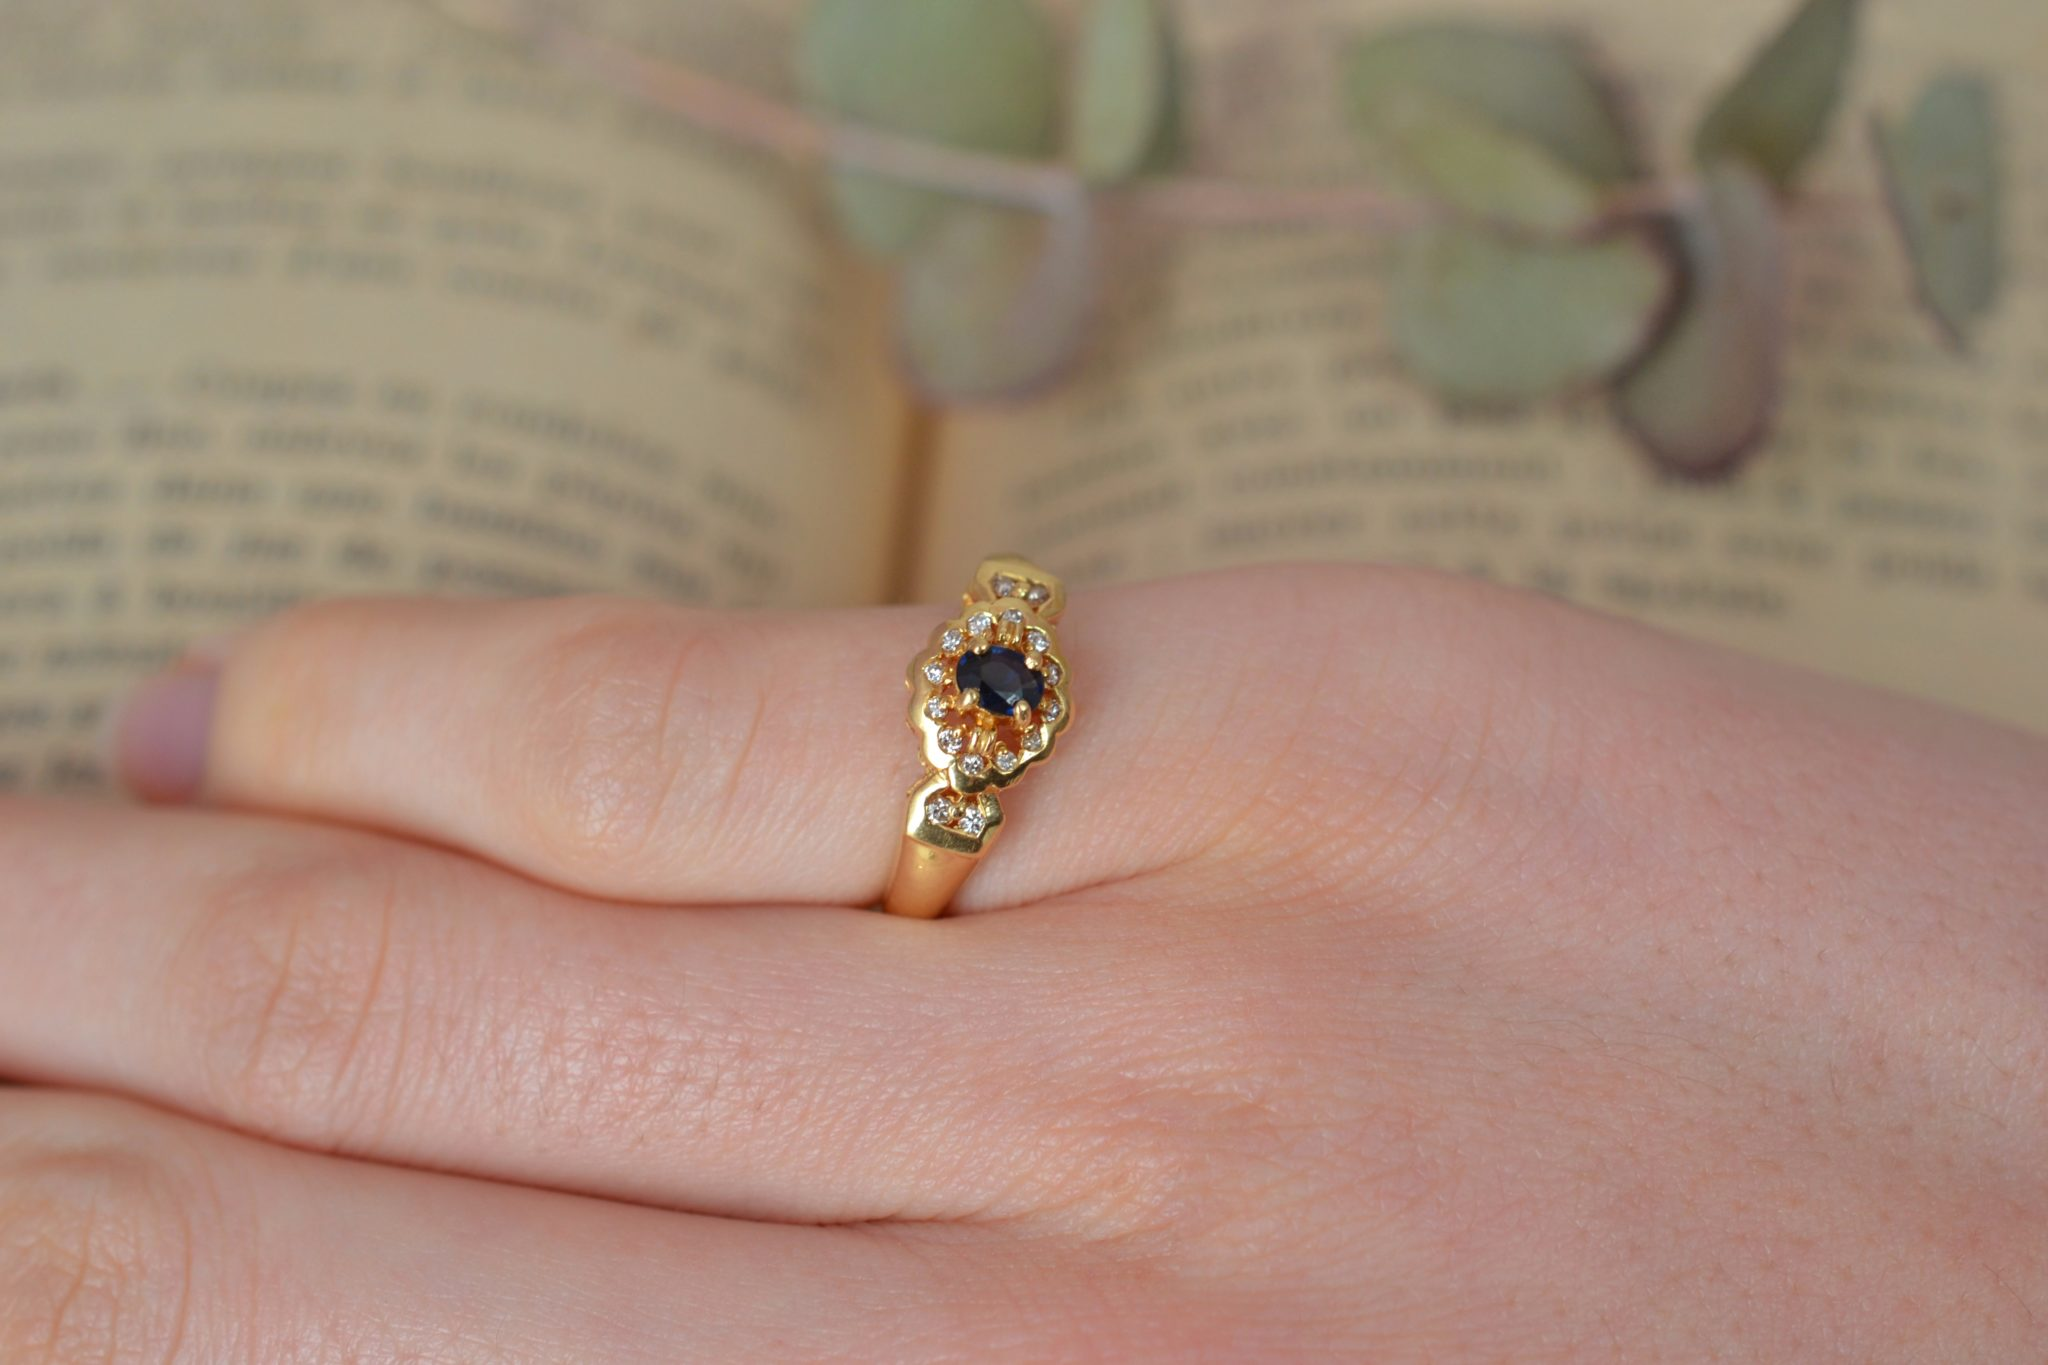 Bague en Or jaune sertie d_un saphir sur un entourage de diamants - bague de seconde main